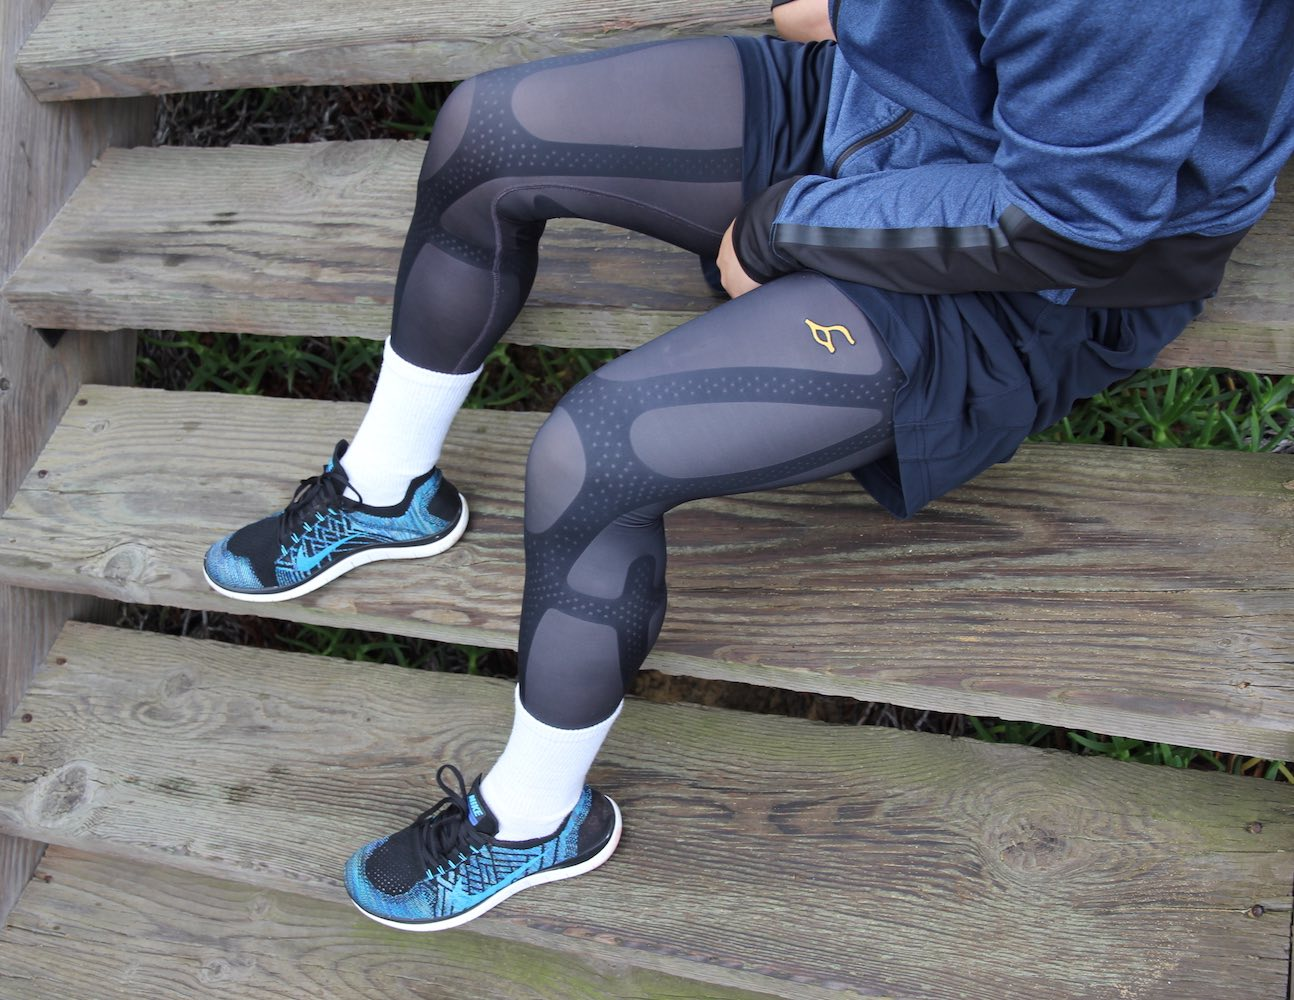 Enerskin Knee Sleeves